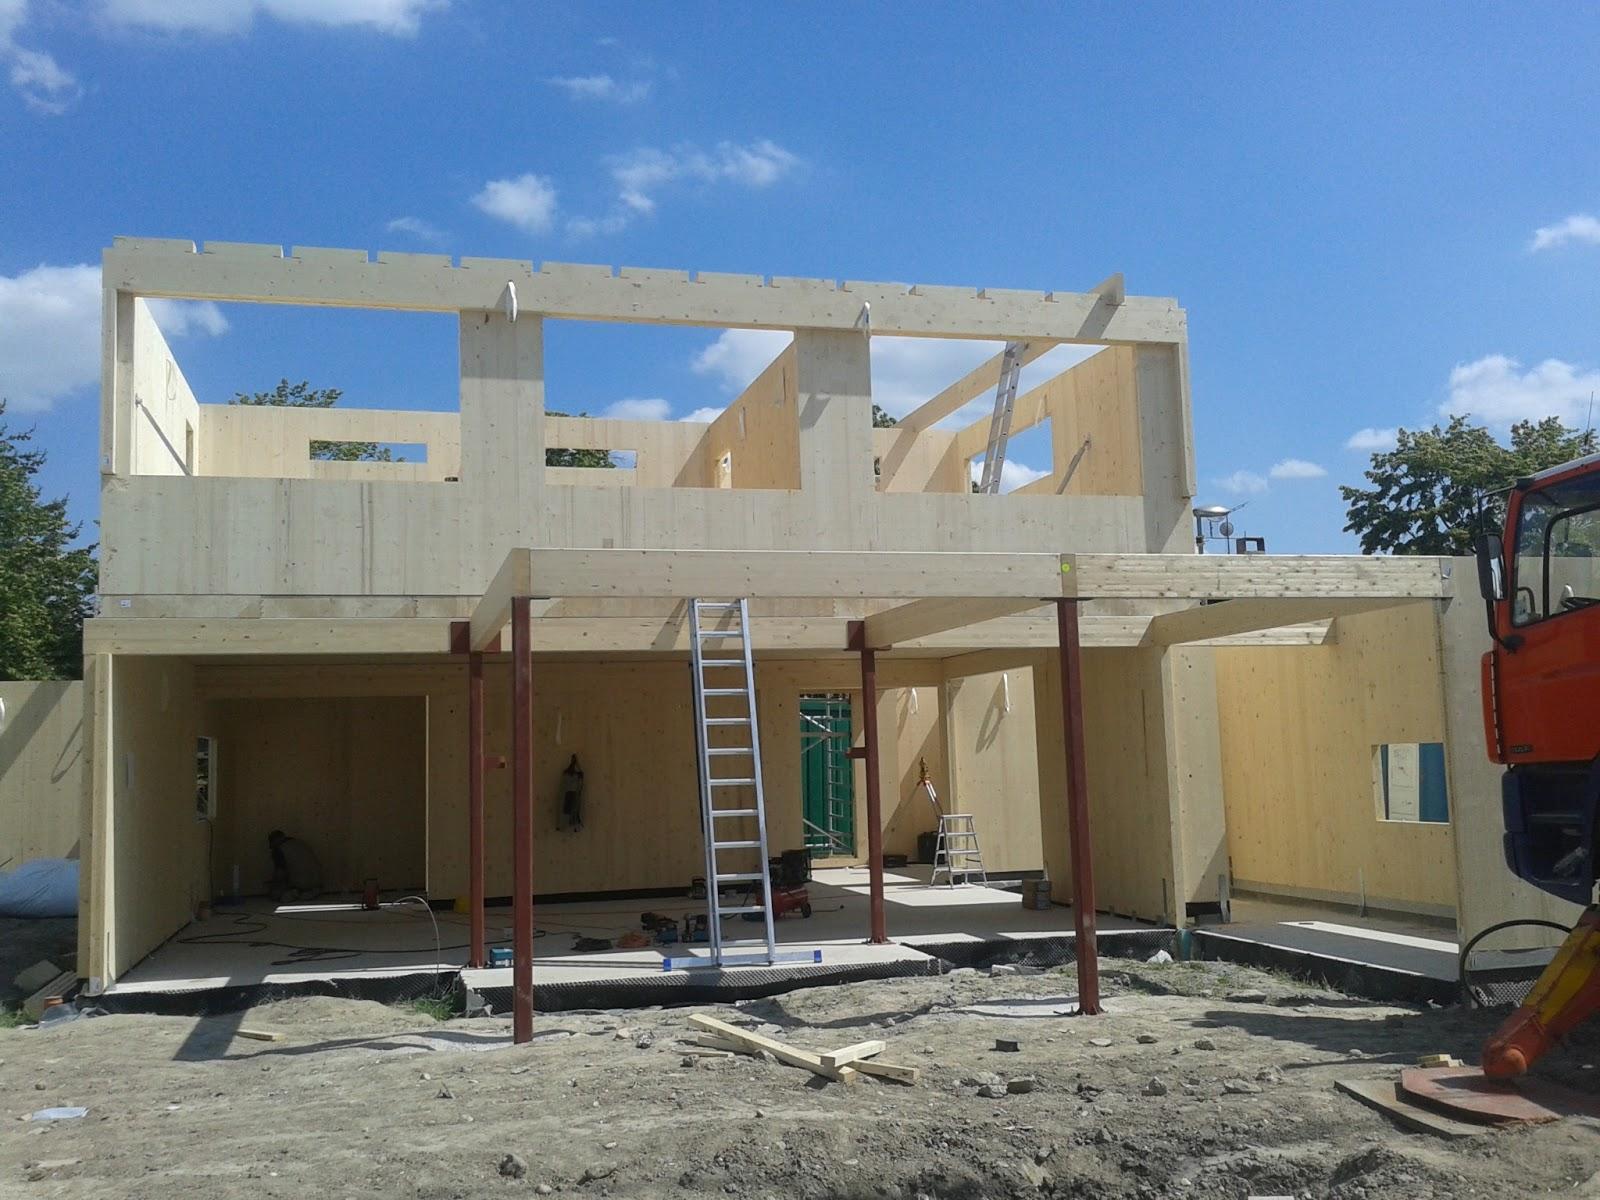 Francisco alcaraz blog de arquitectura eficiente visita - Construir una vivienda ...